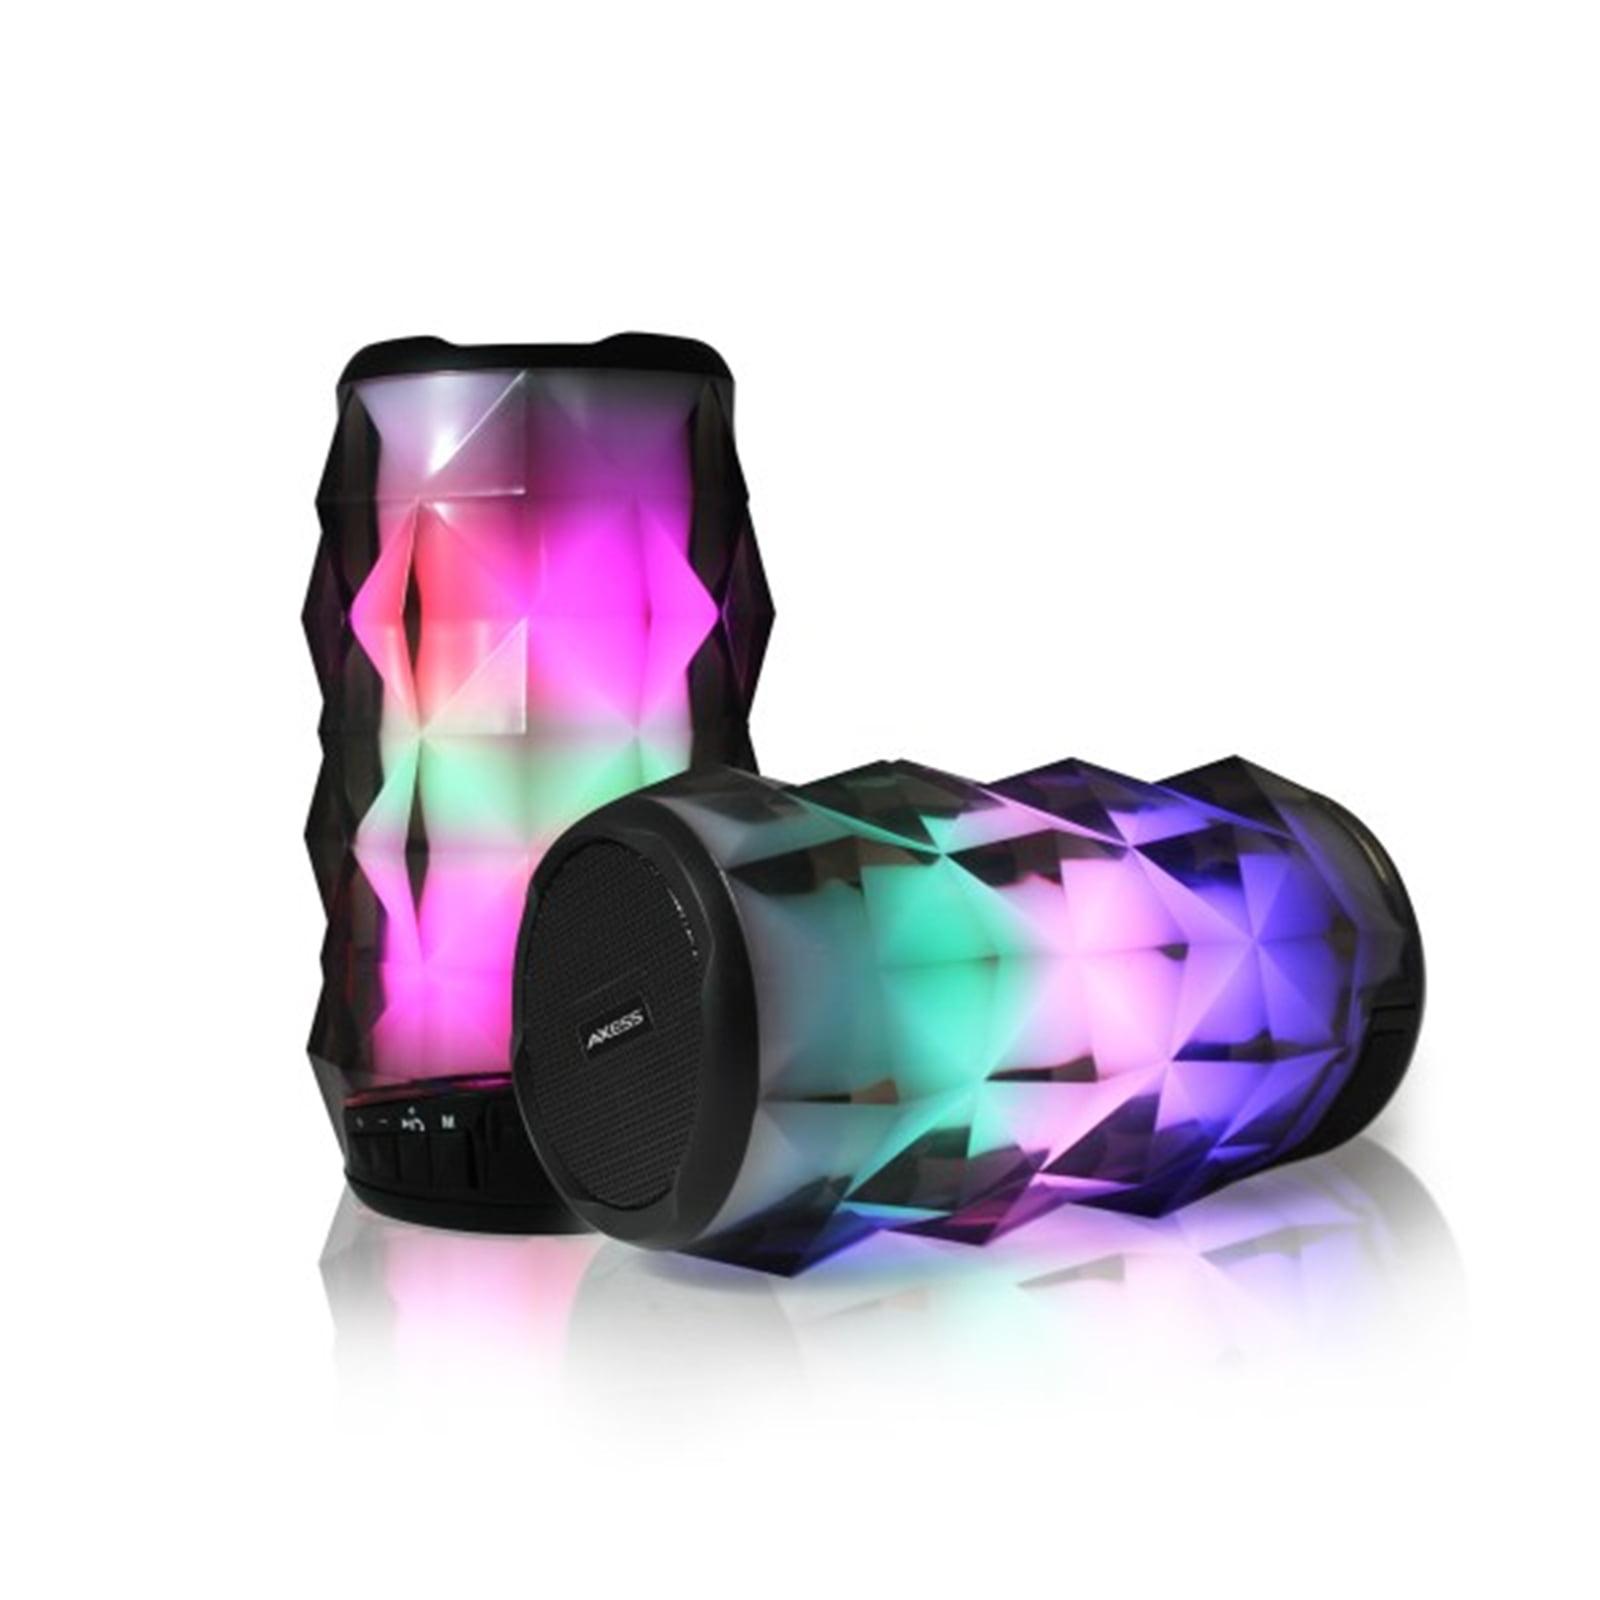 Axess Crystal Vibe LED BT Speaker